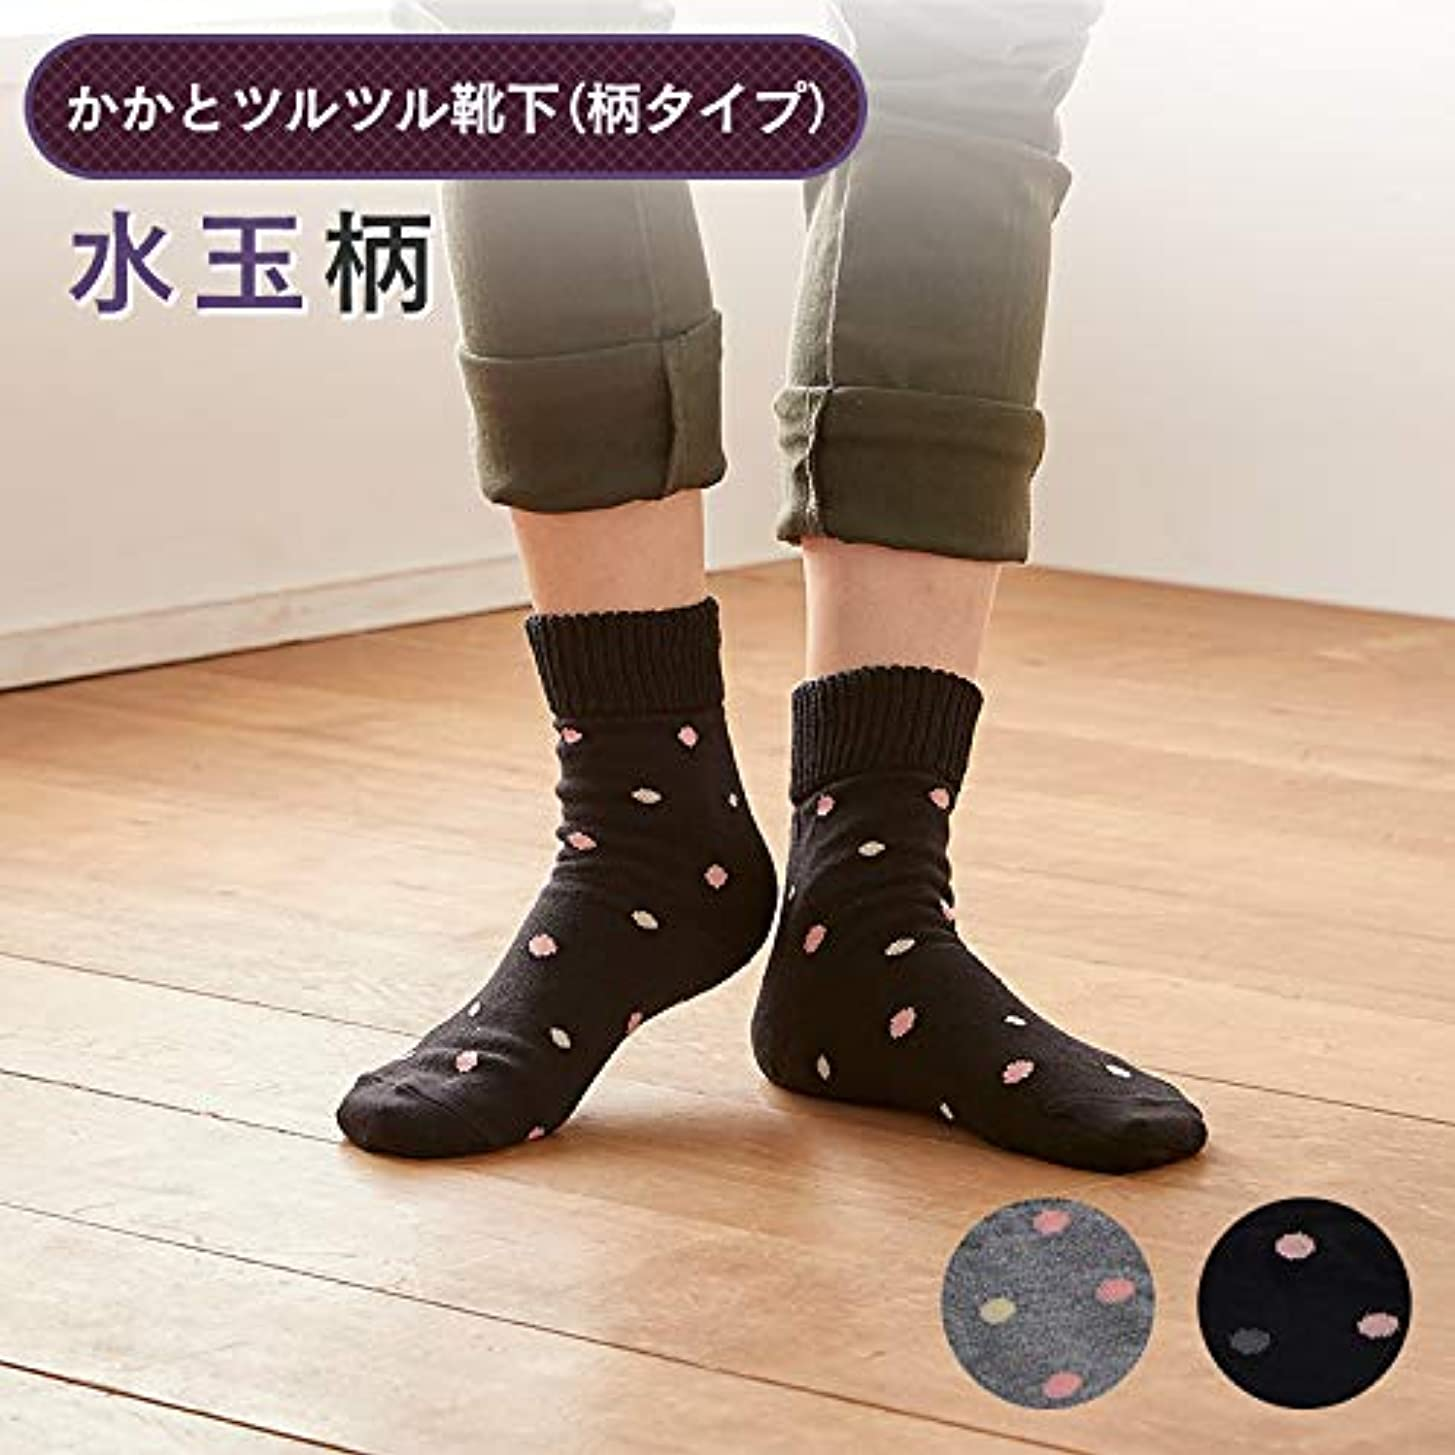 ええ上陸差別化するかかと 角質ケア ひび割れ対策 かかとツルツル靴下 水玉 ブラック 23-25cm 太陽ニット 727